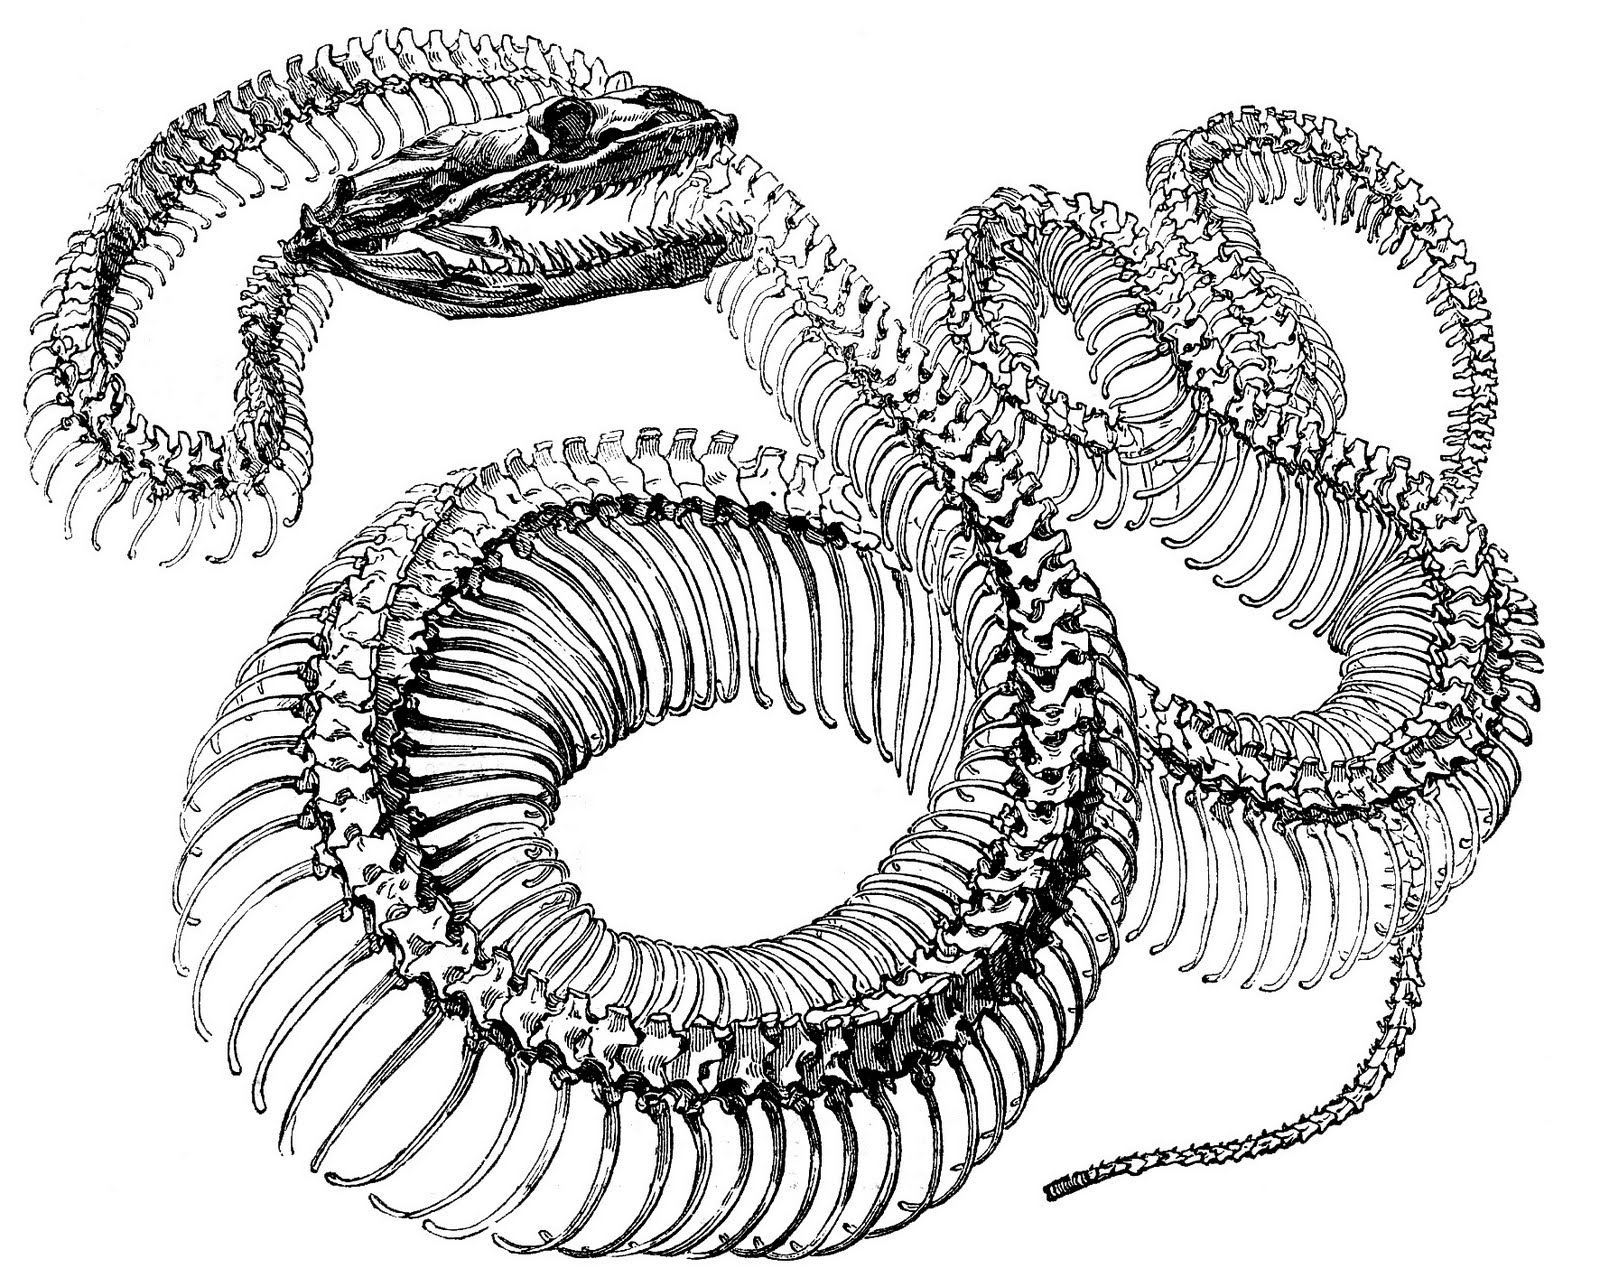 Antique Engraving Graphic